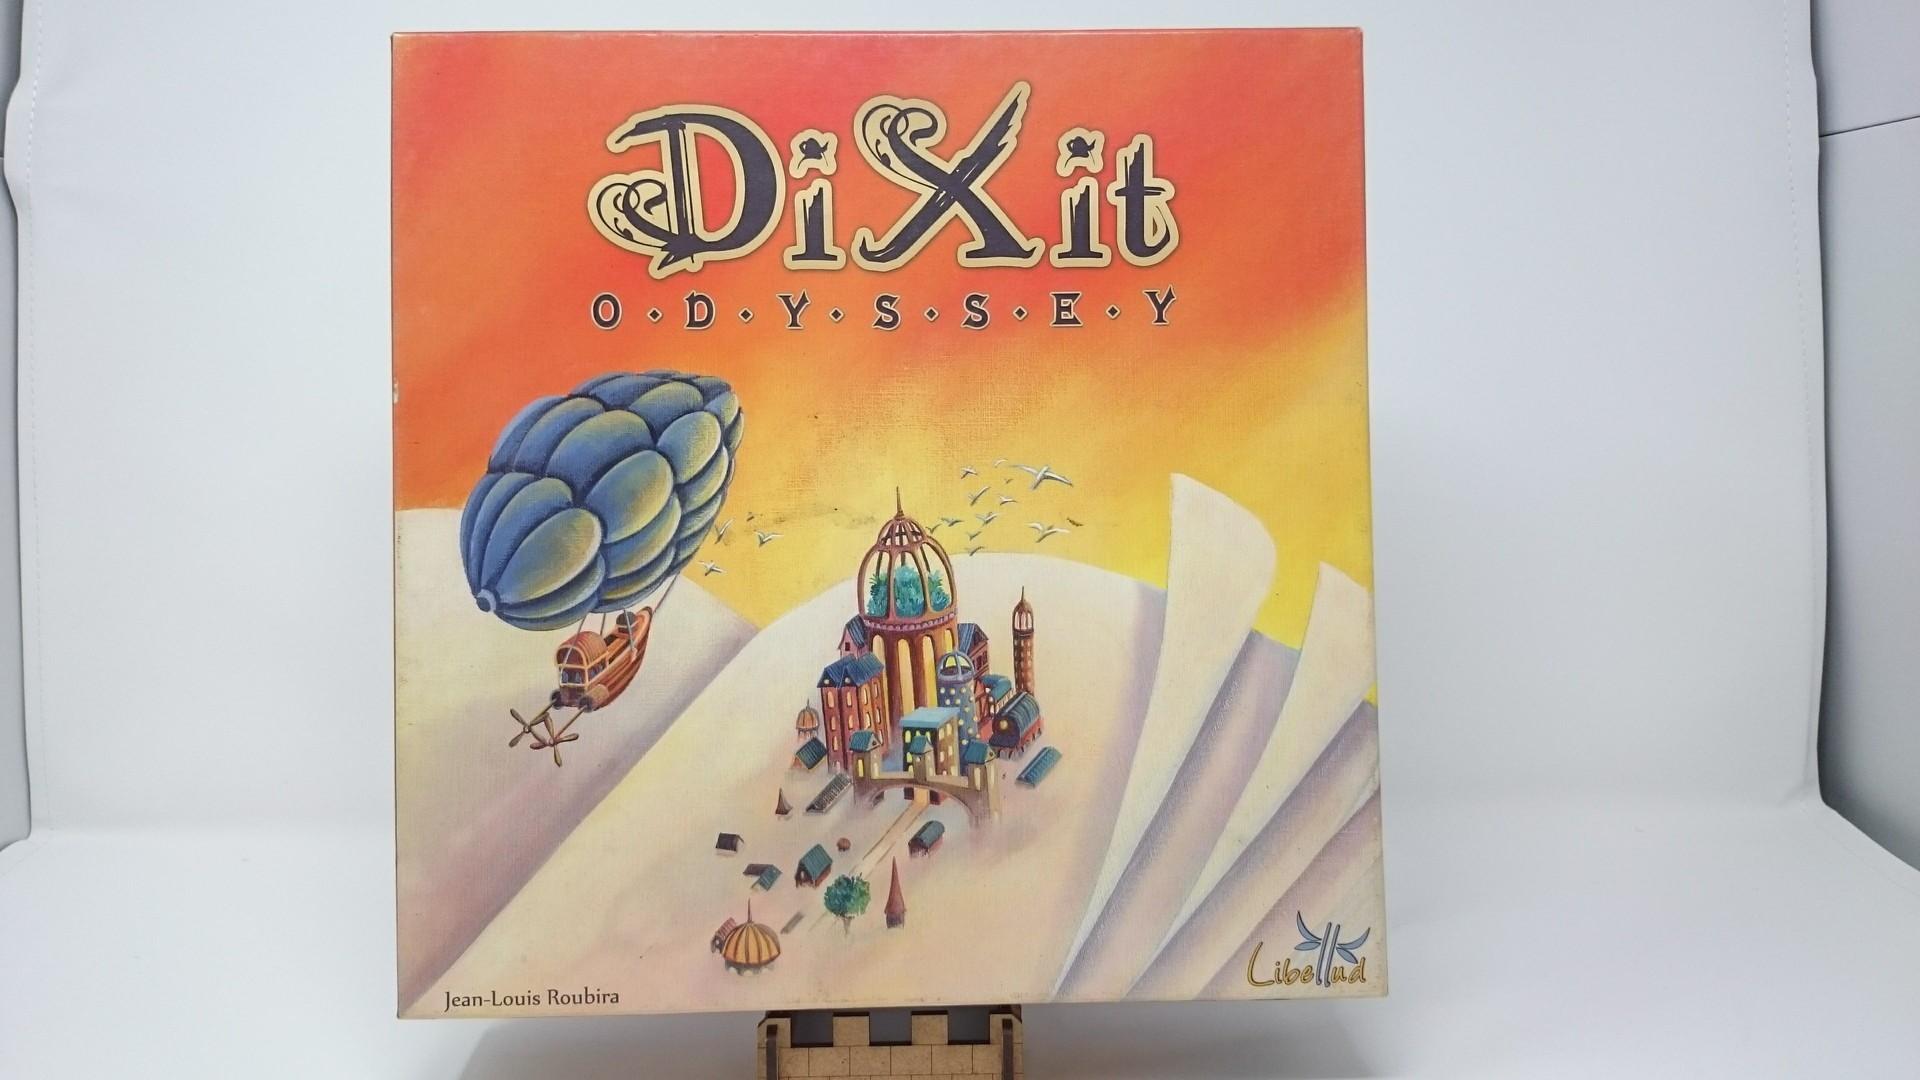 ディクシット-オデッセイ:Dixit-Odyssey